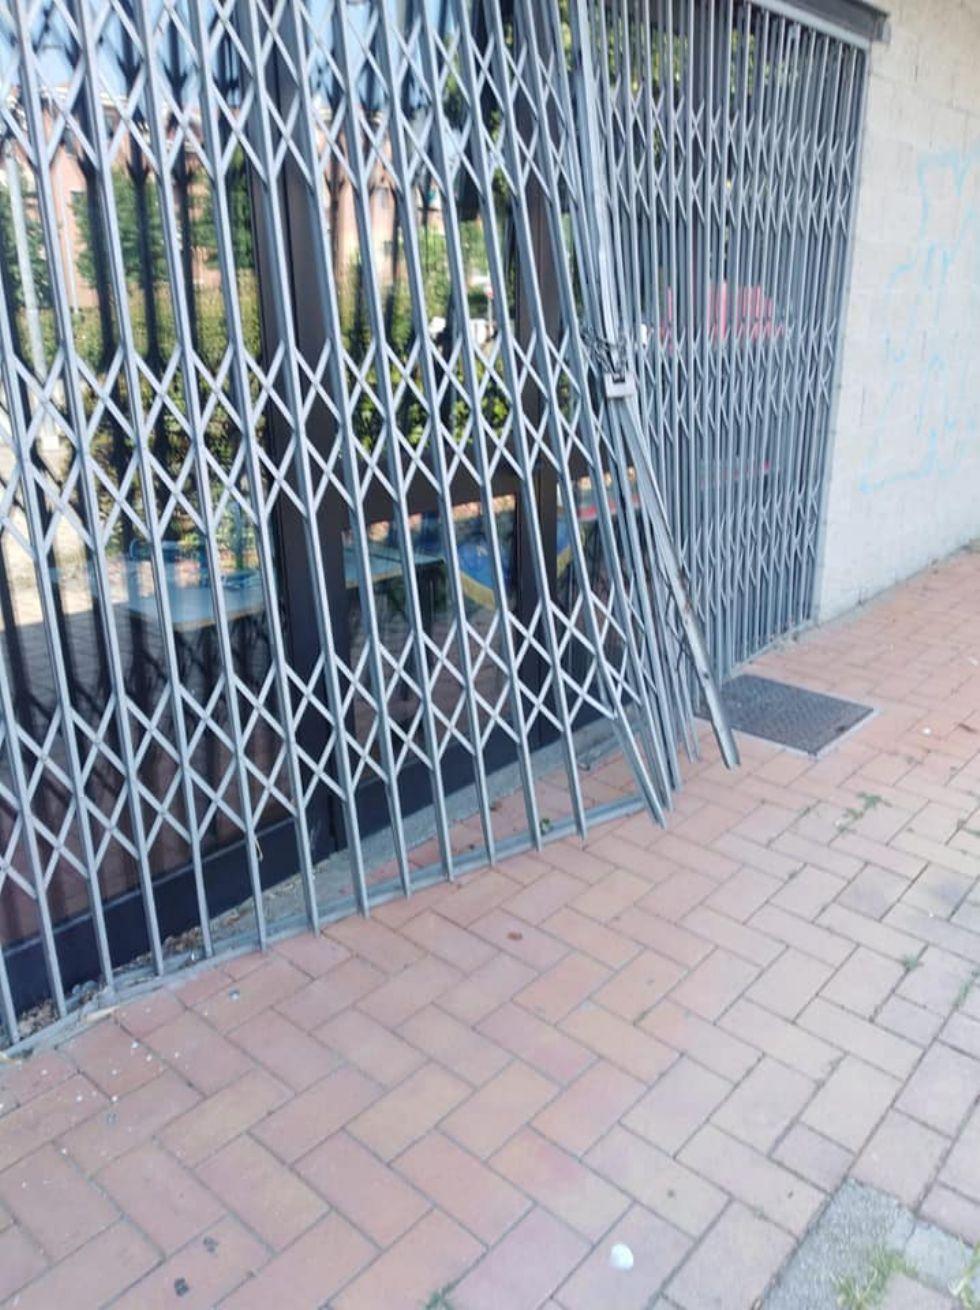 NICHELINO - Nuovo atto vandalico alla sede del quartiere Kennedy